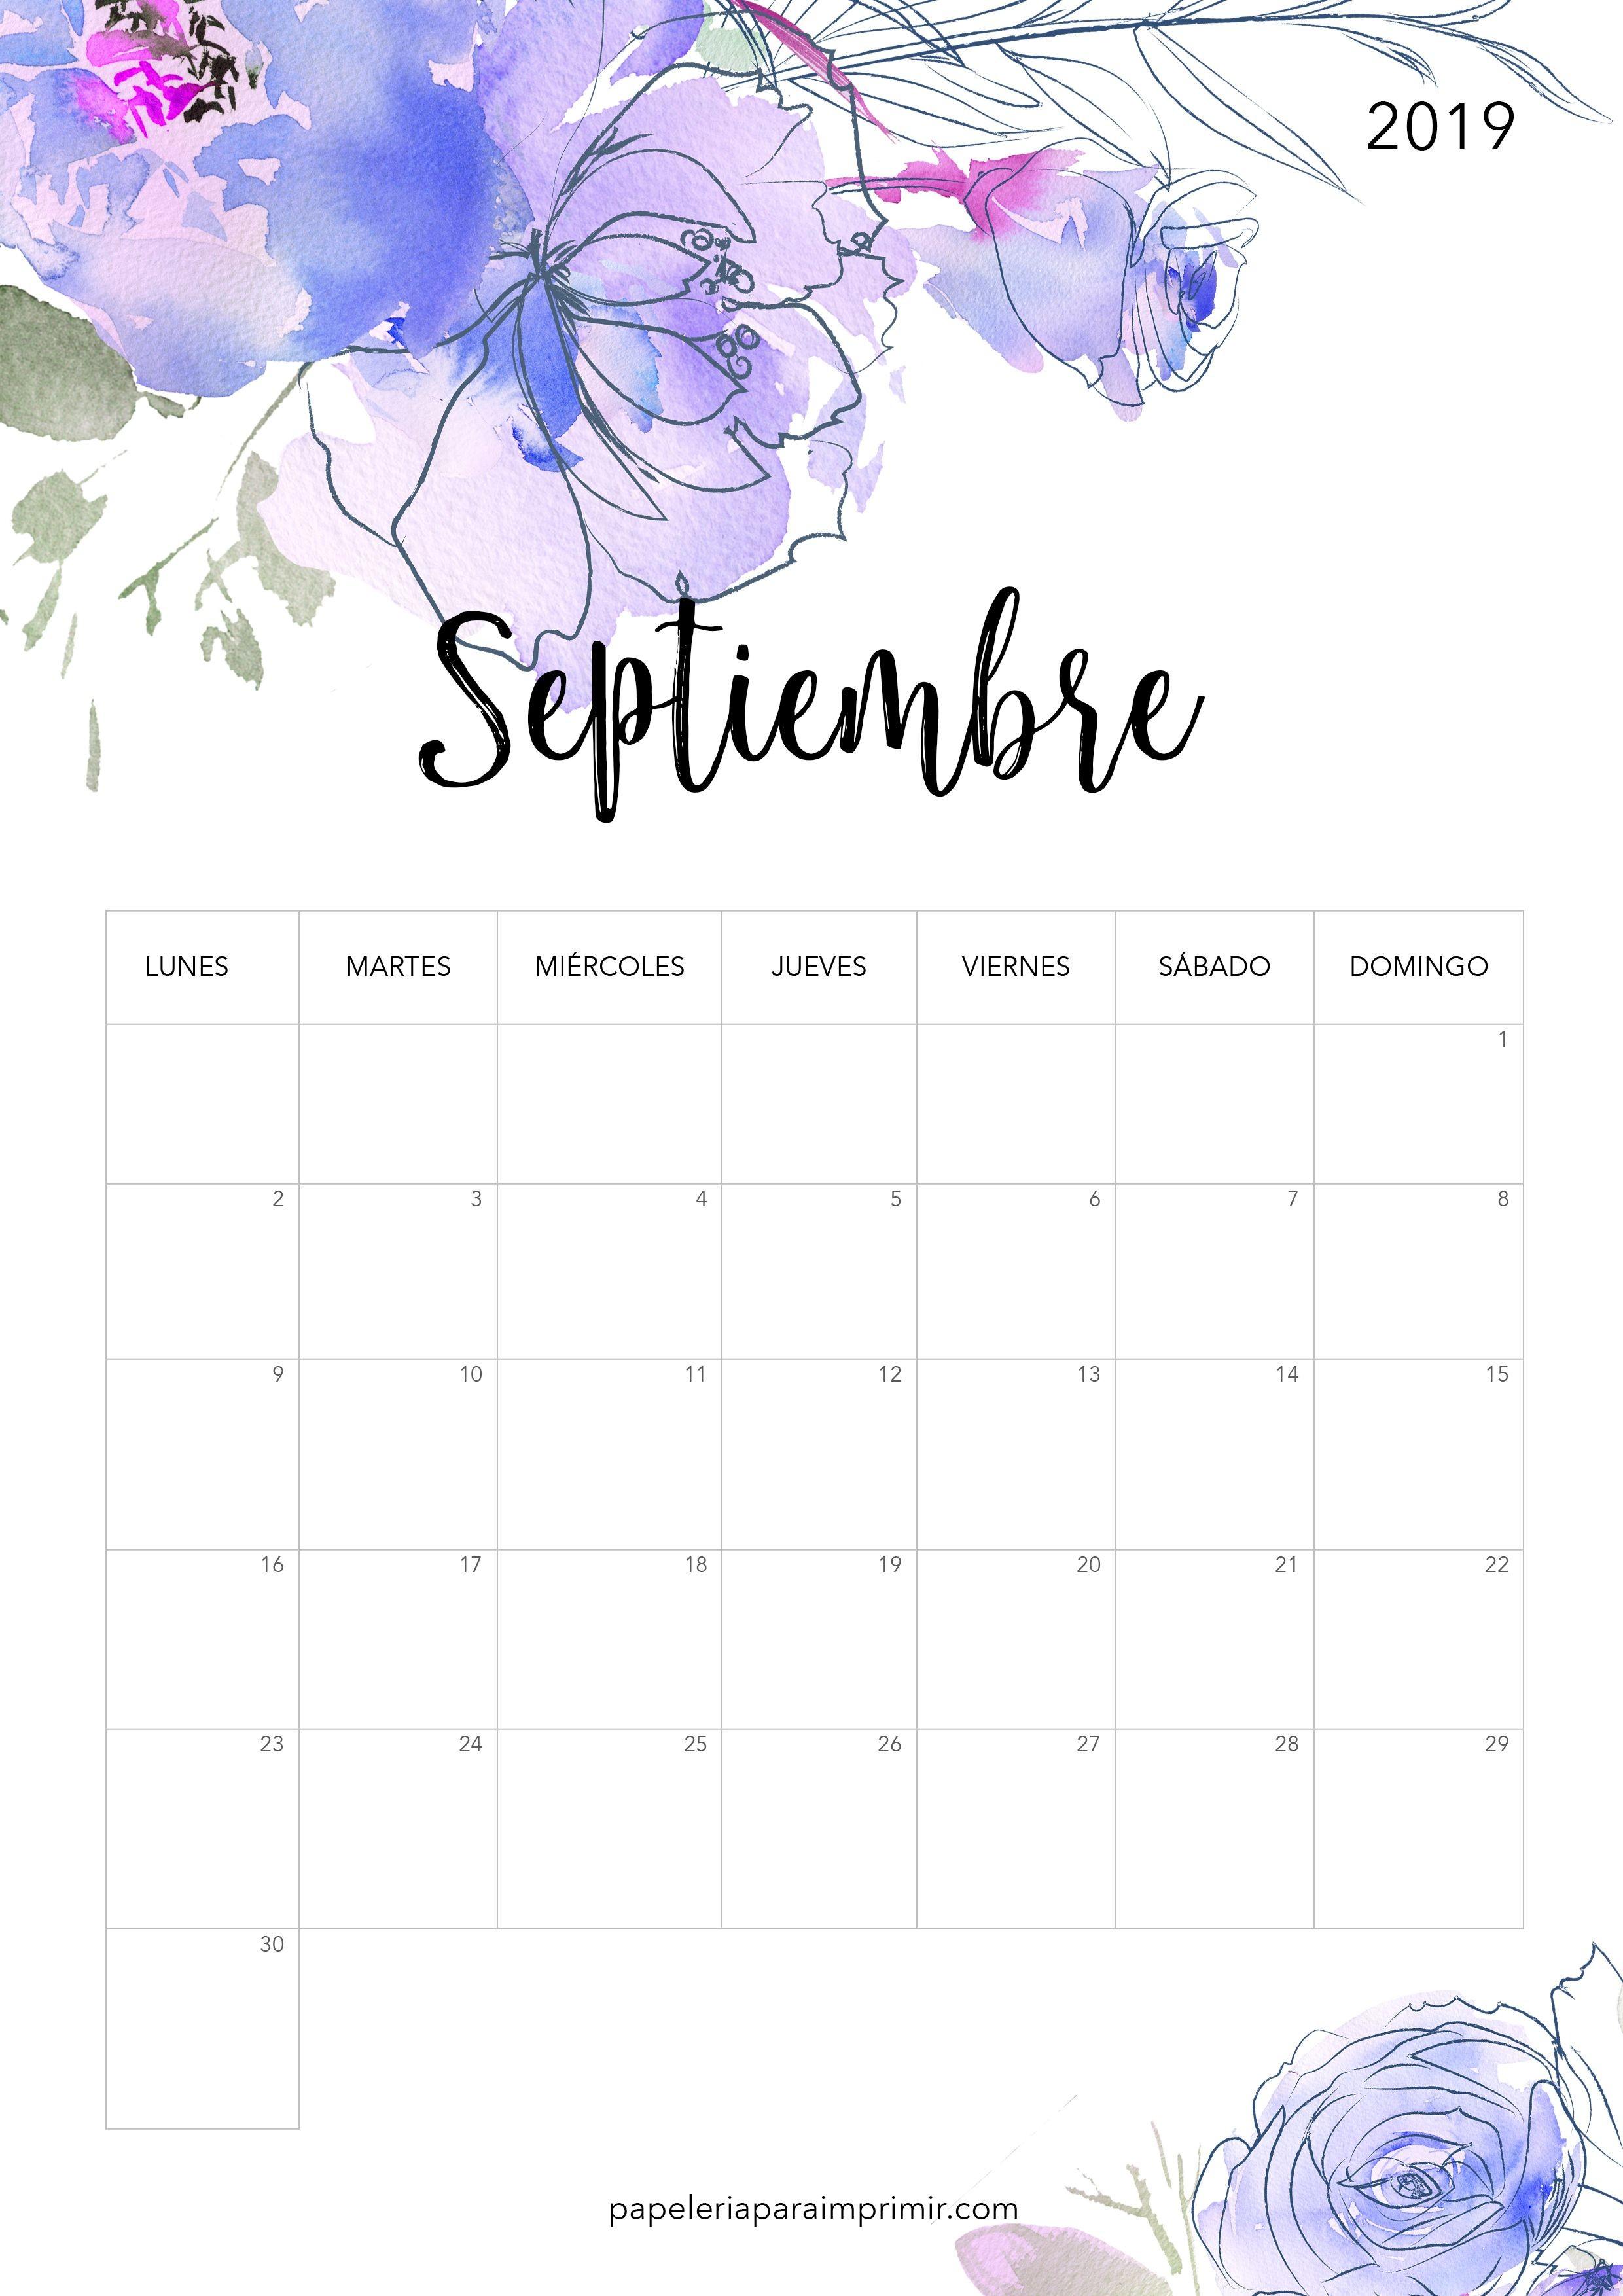 Calendario Imprimir Mejores Y Más Novedosos Calendario Para Imprimir 2019 Septiembre Calendario Imprimir